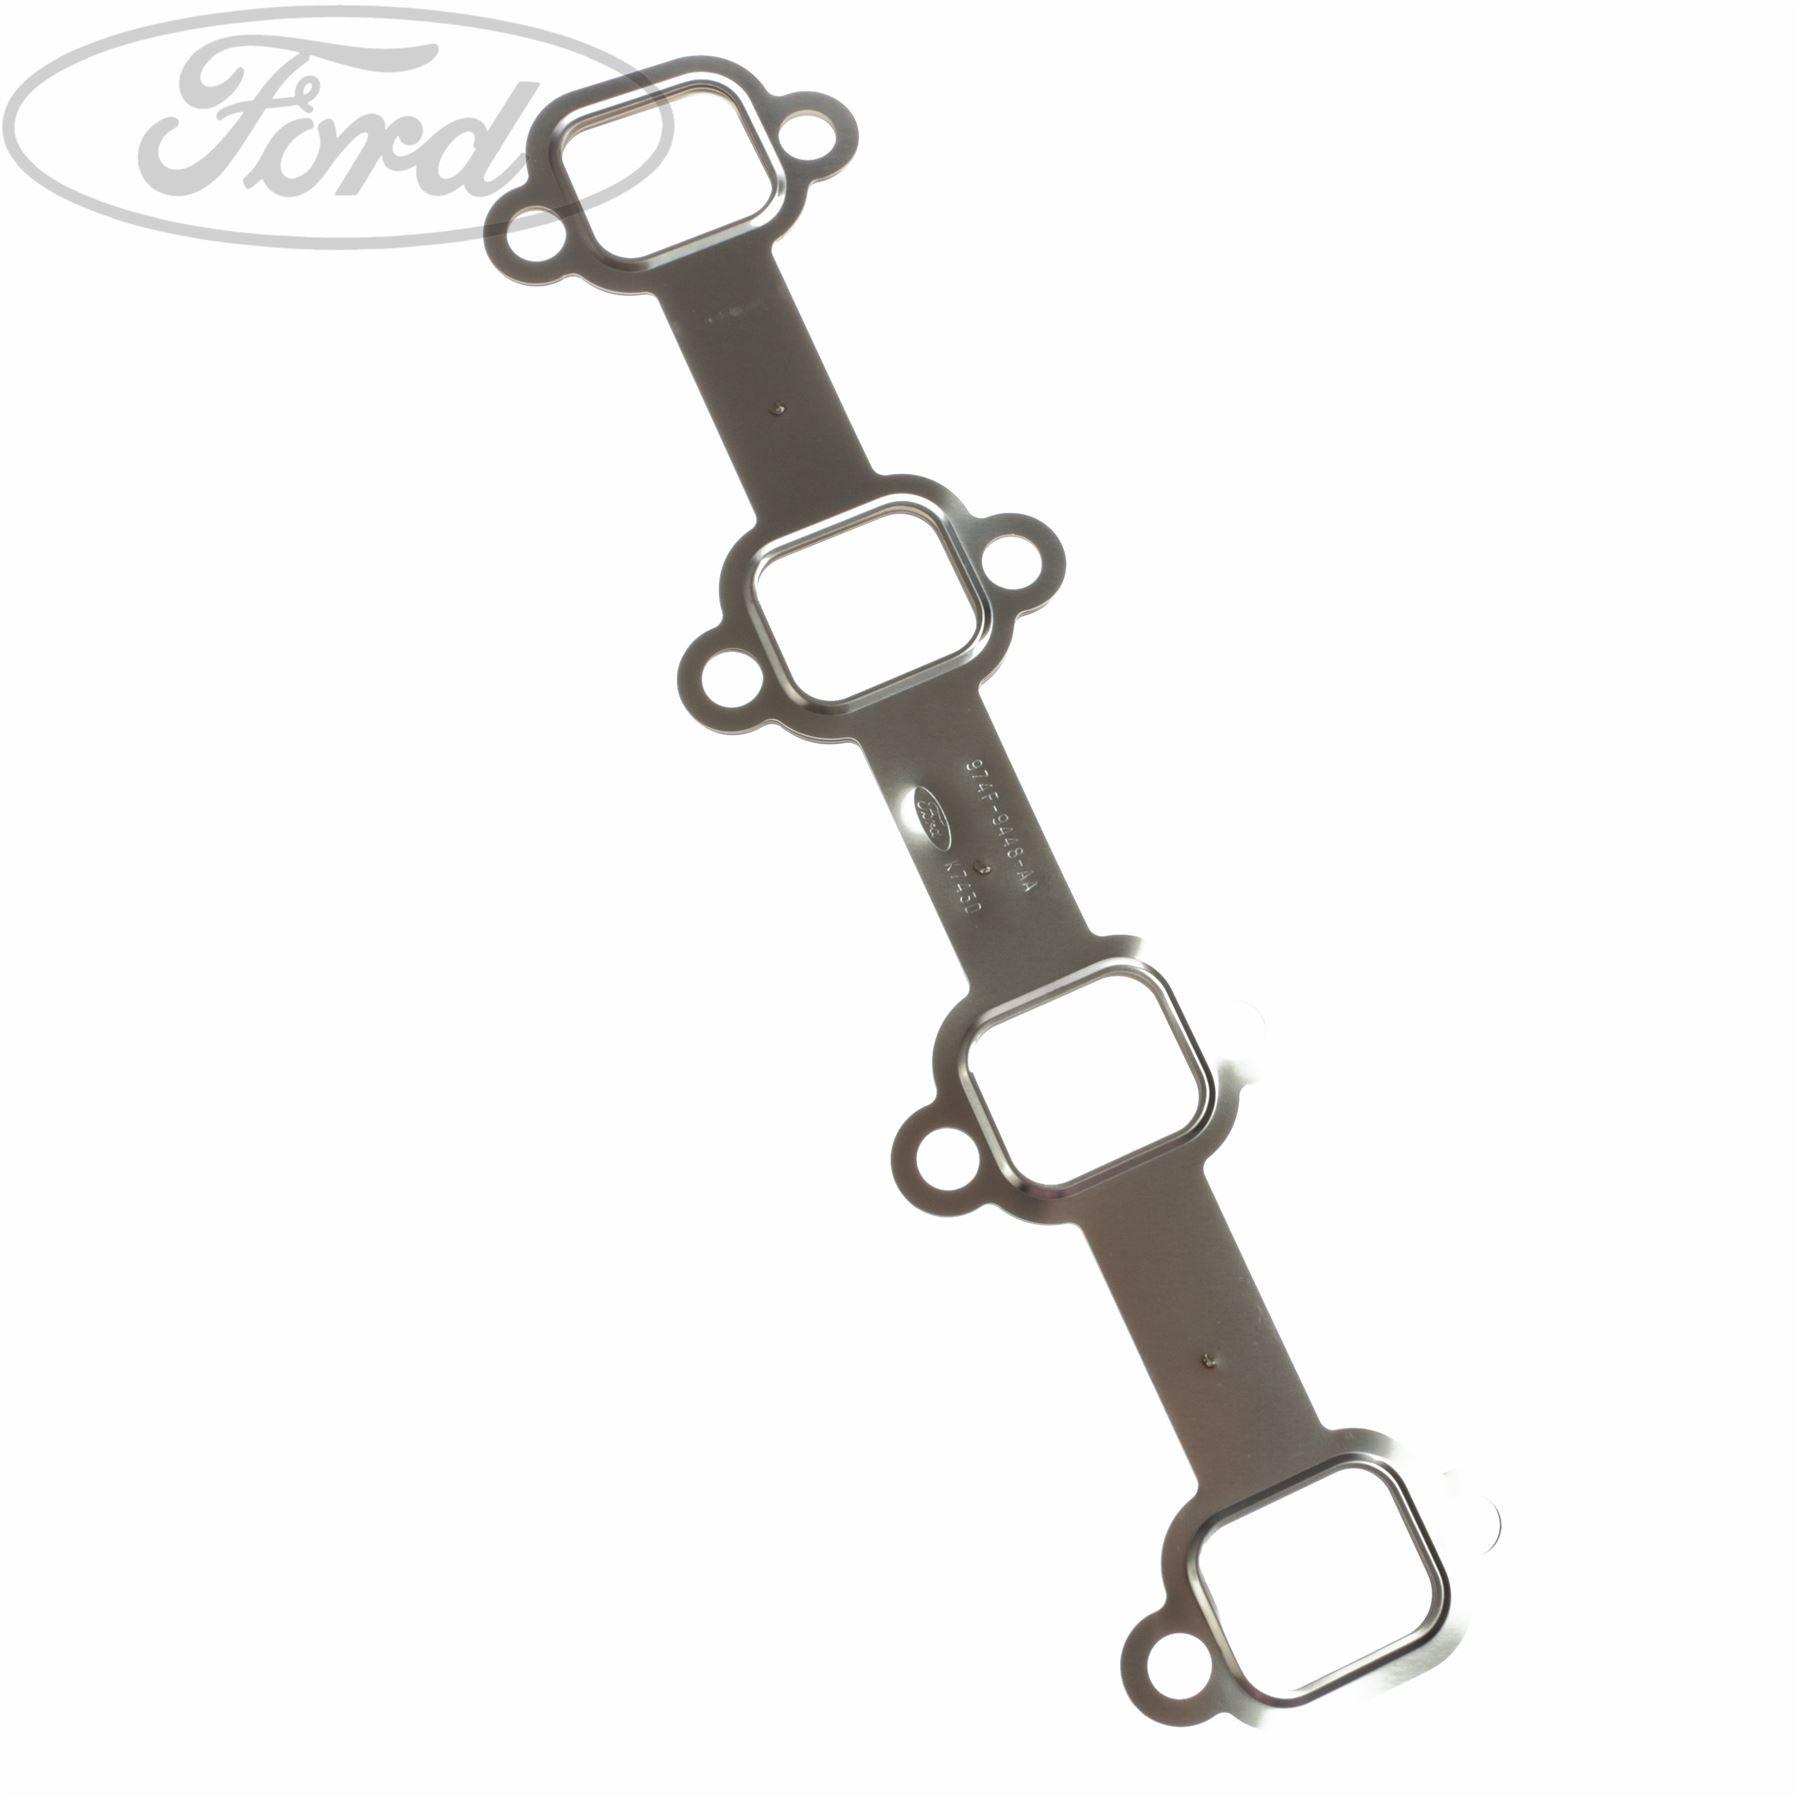 Genuine Ford Transit MK3 Transit Tourneo Exhaust Manifold Gasket 1056838